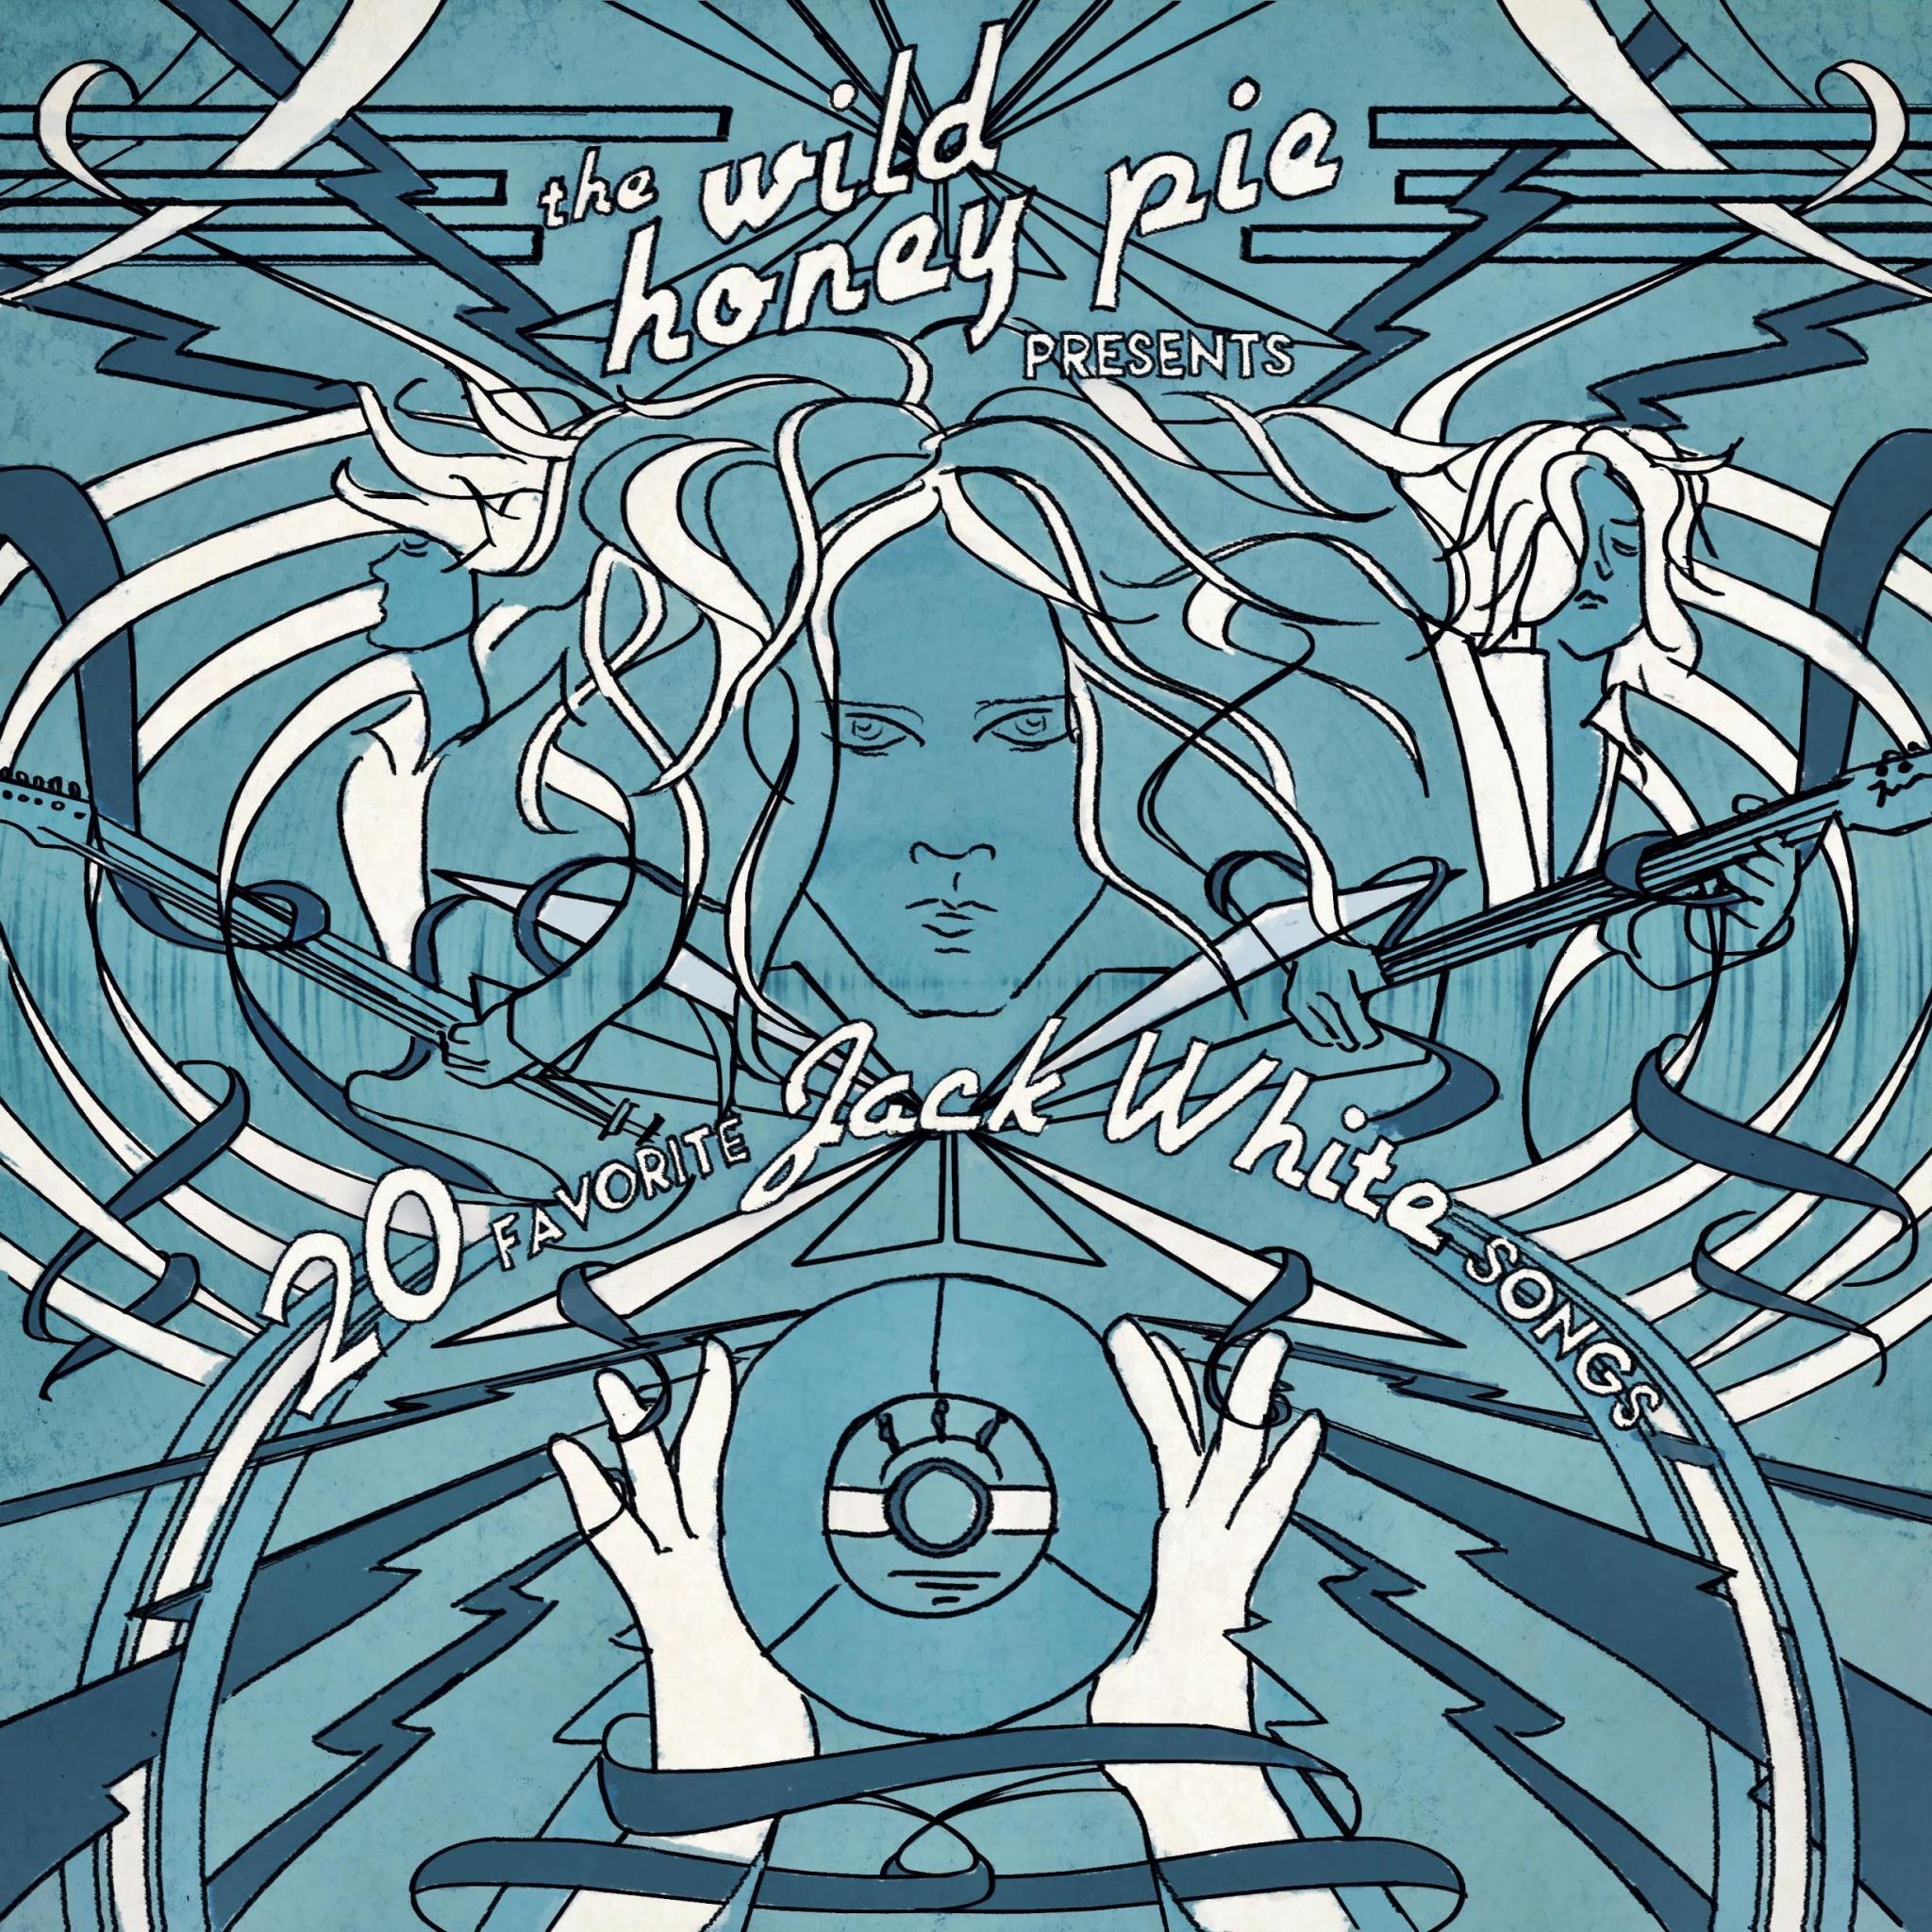 POSTERS / ALBUM ART